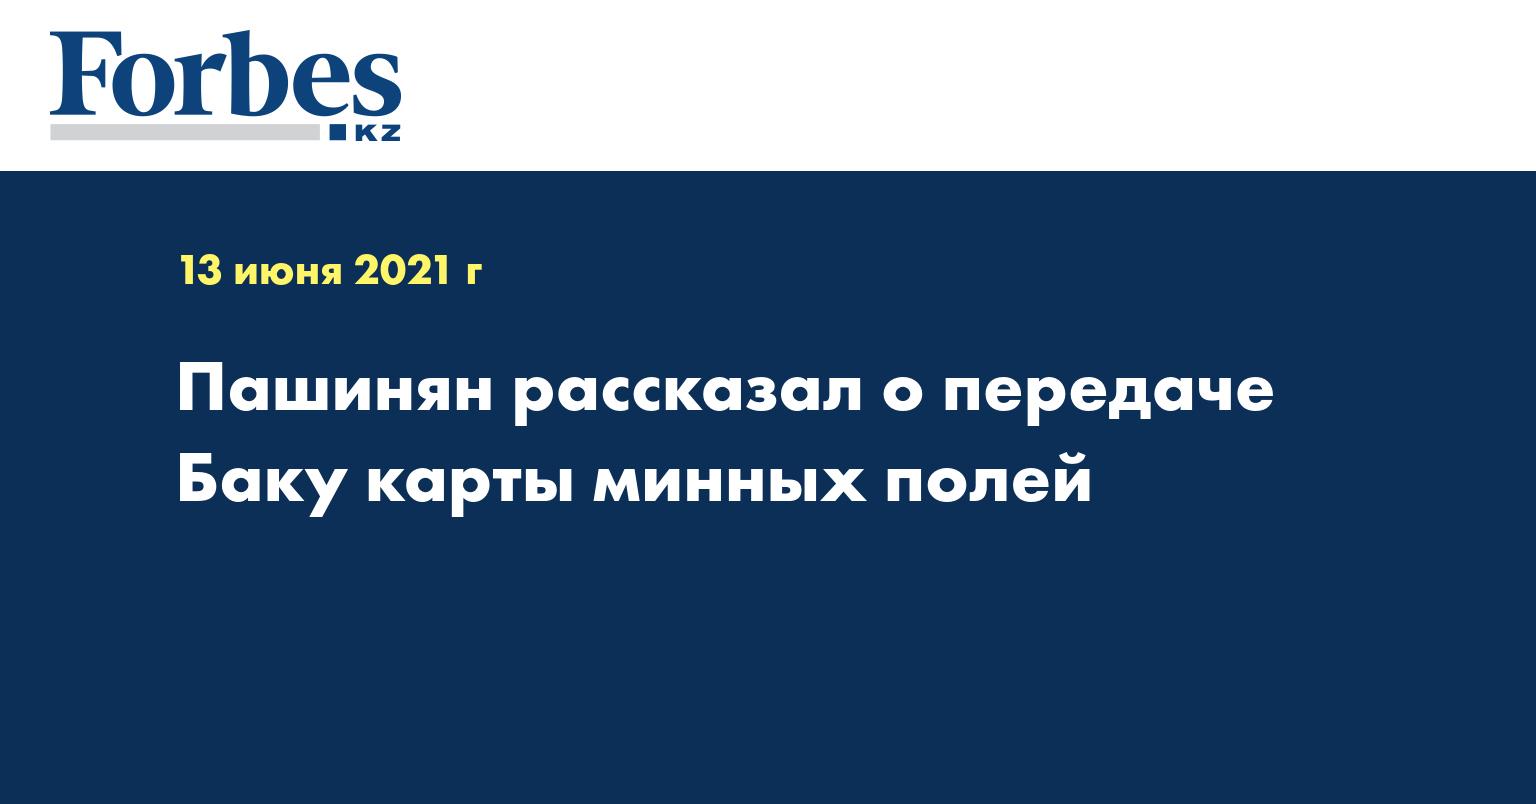 Пашинян рассказал о передаче Баку карты минных полей